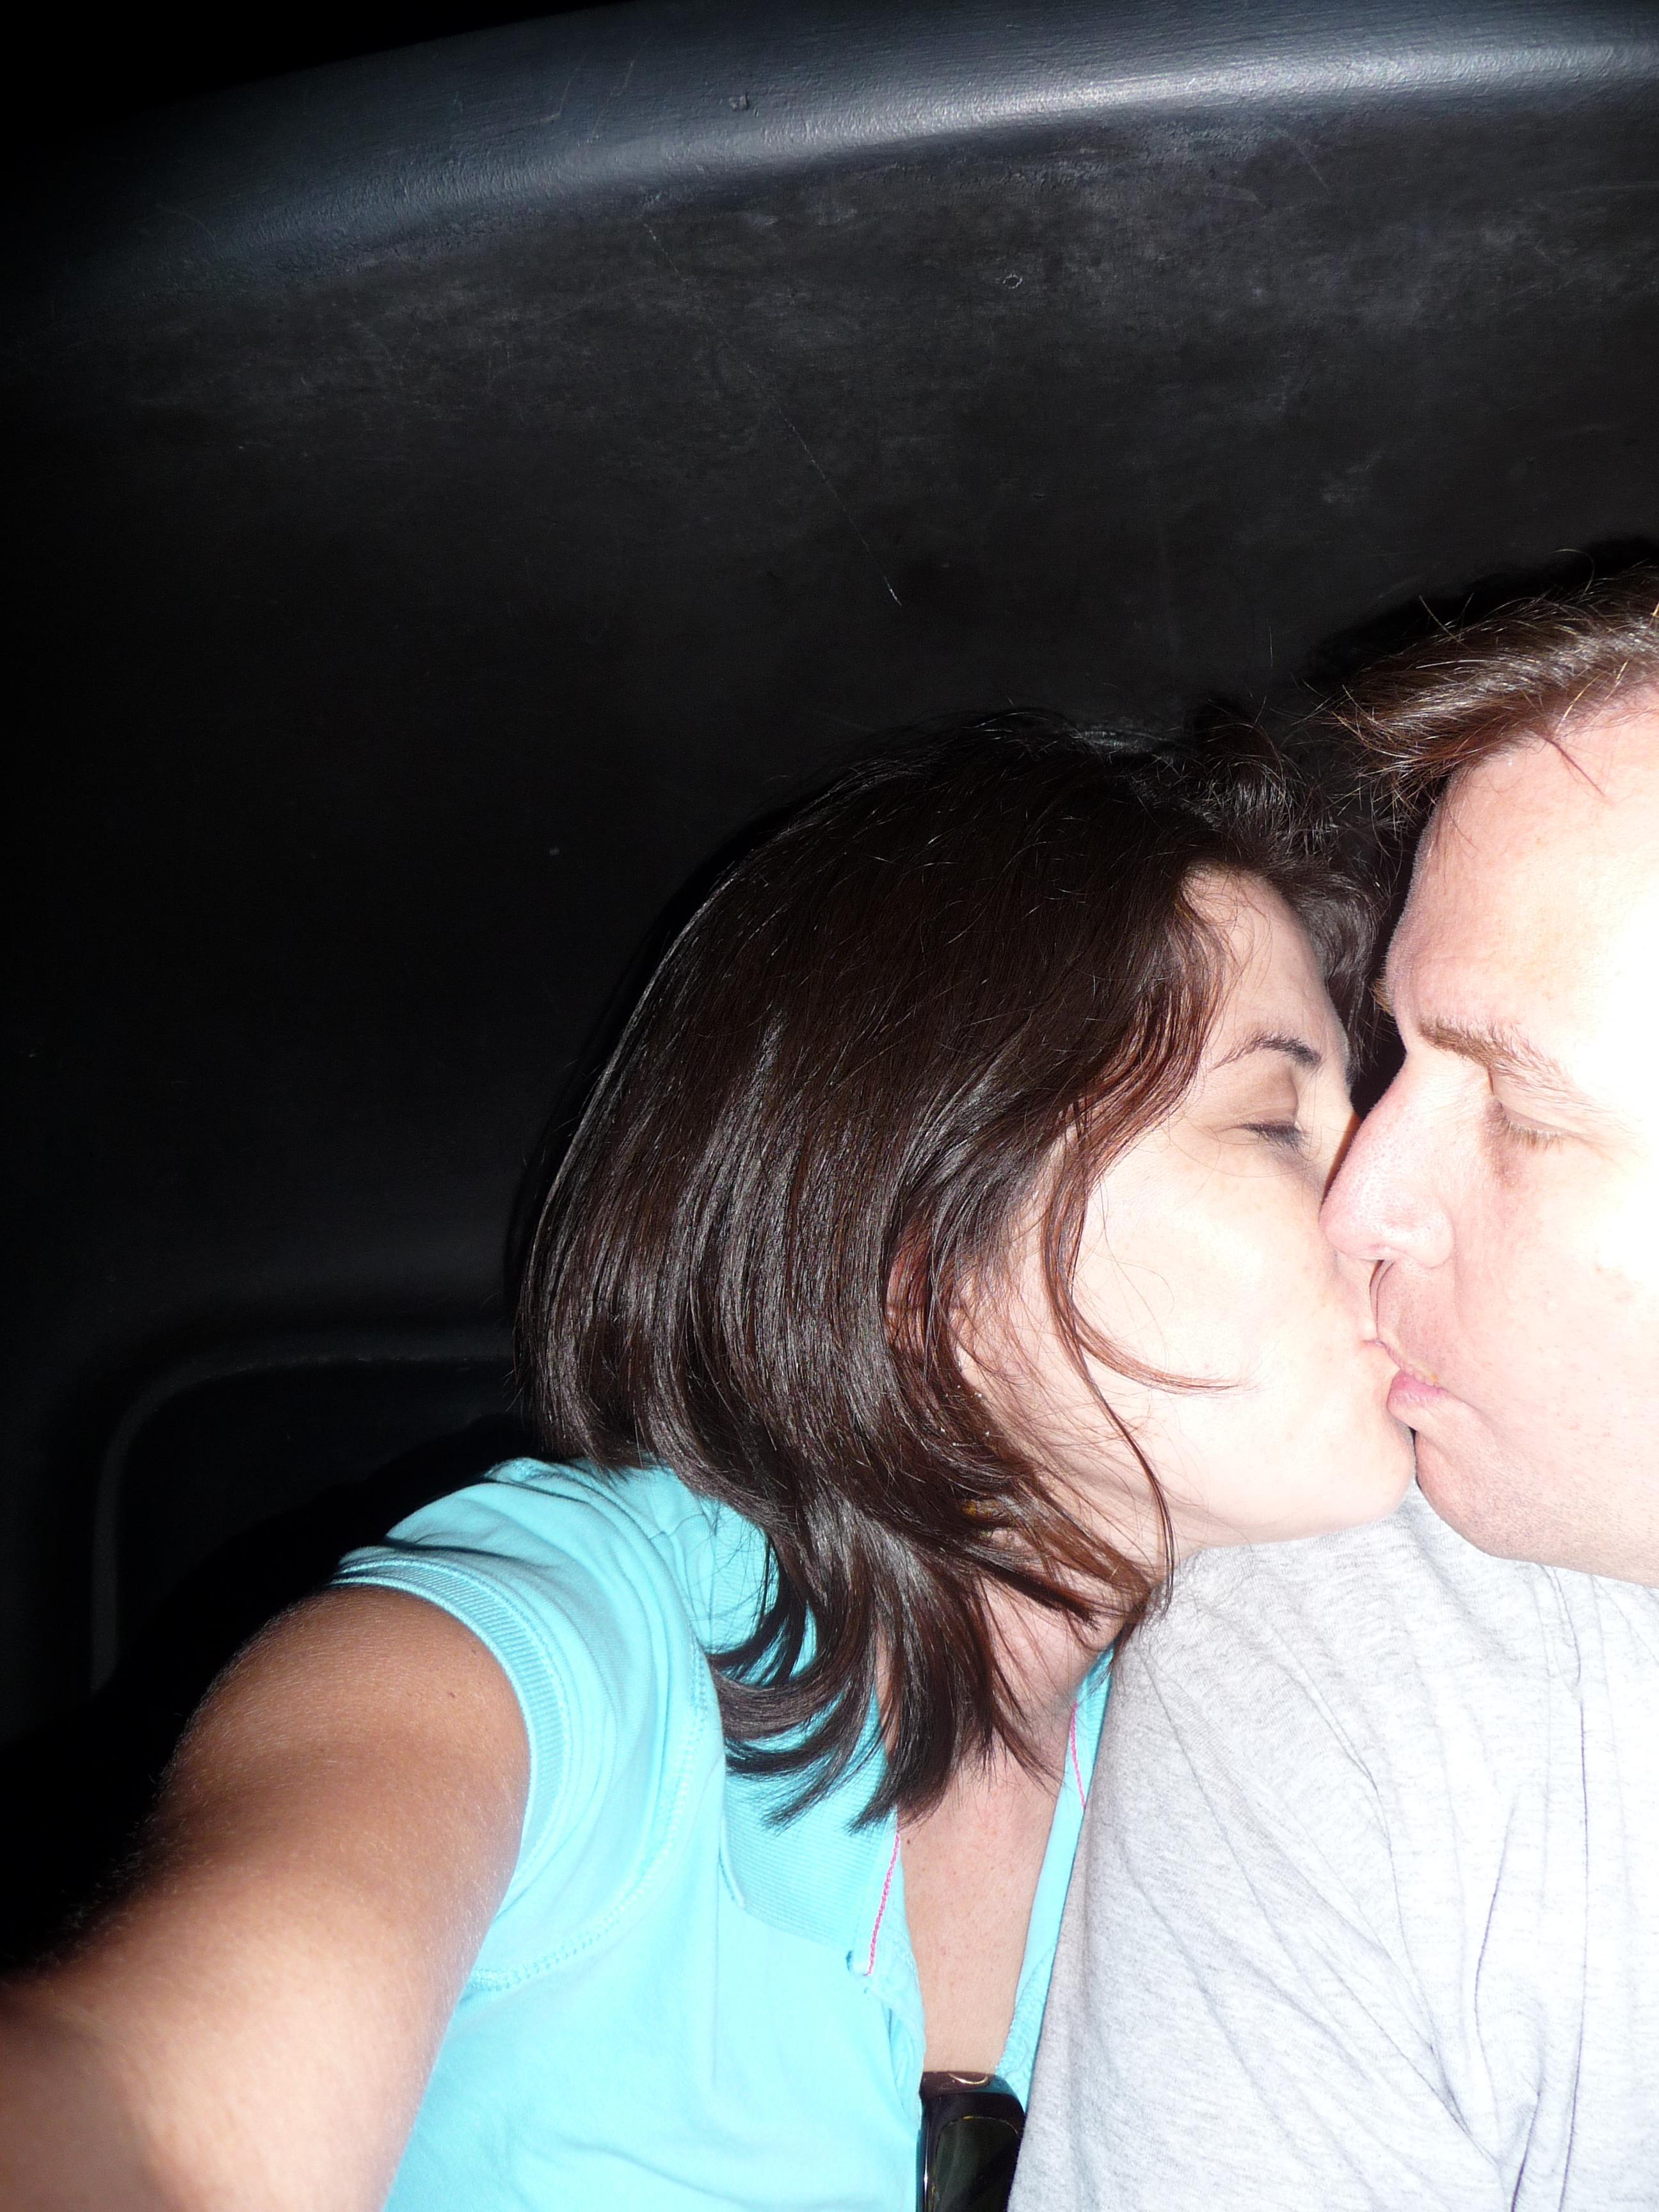 gratuitous kissing pic